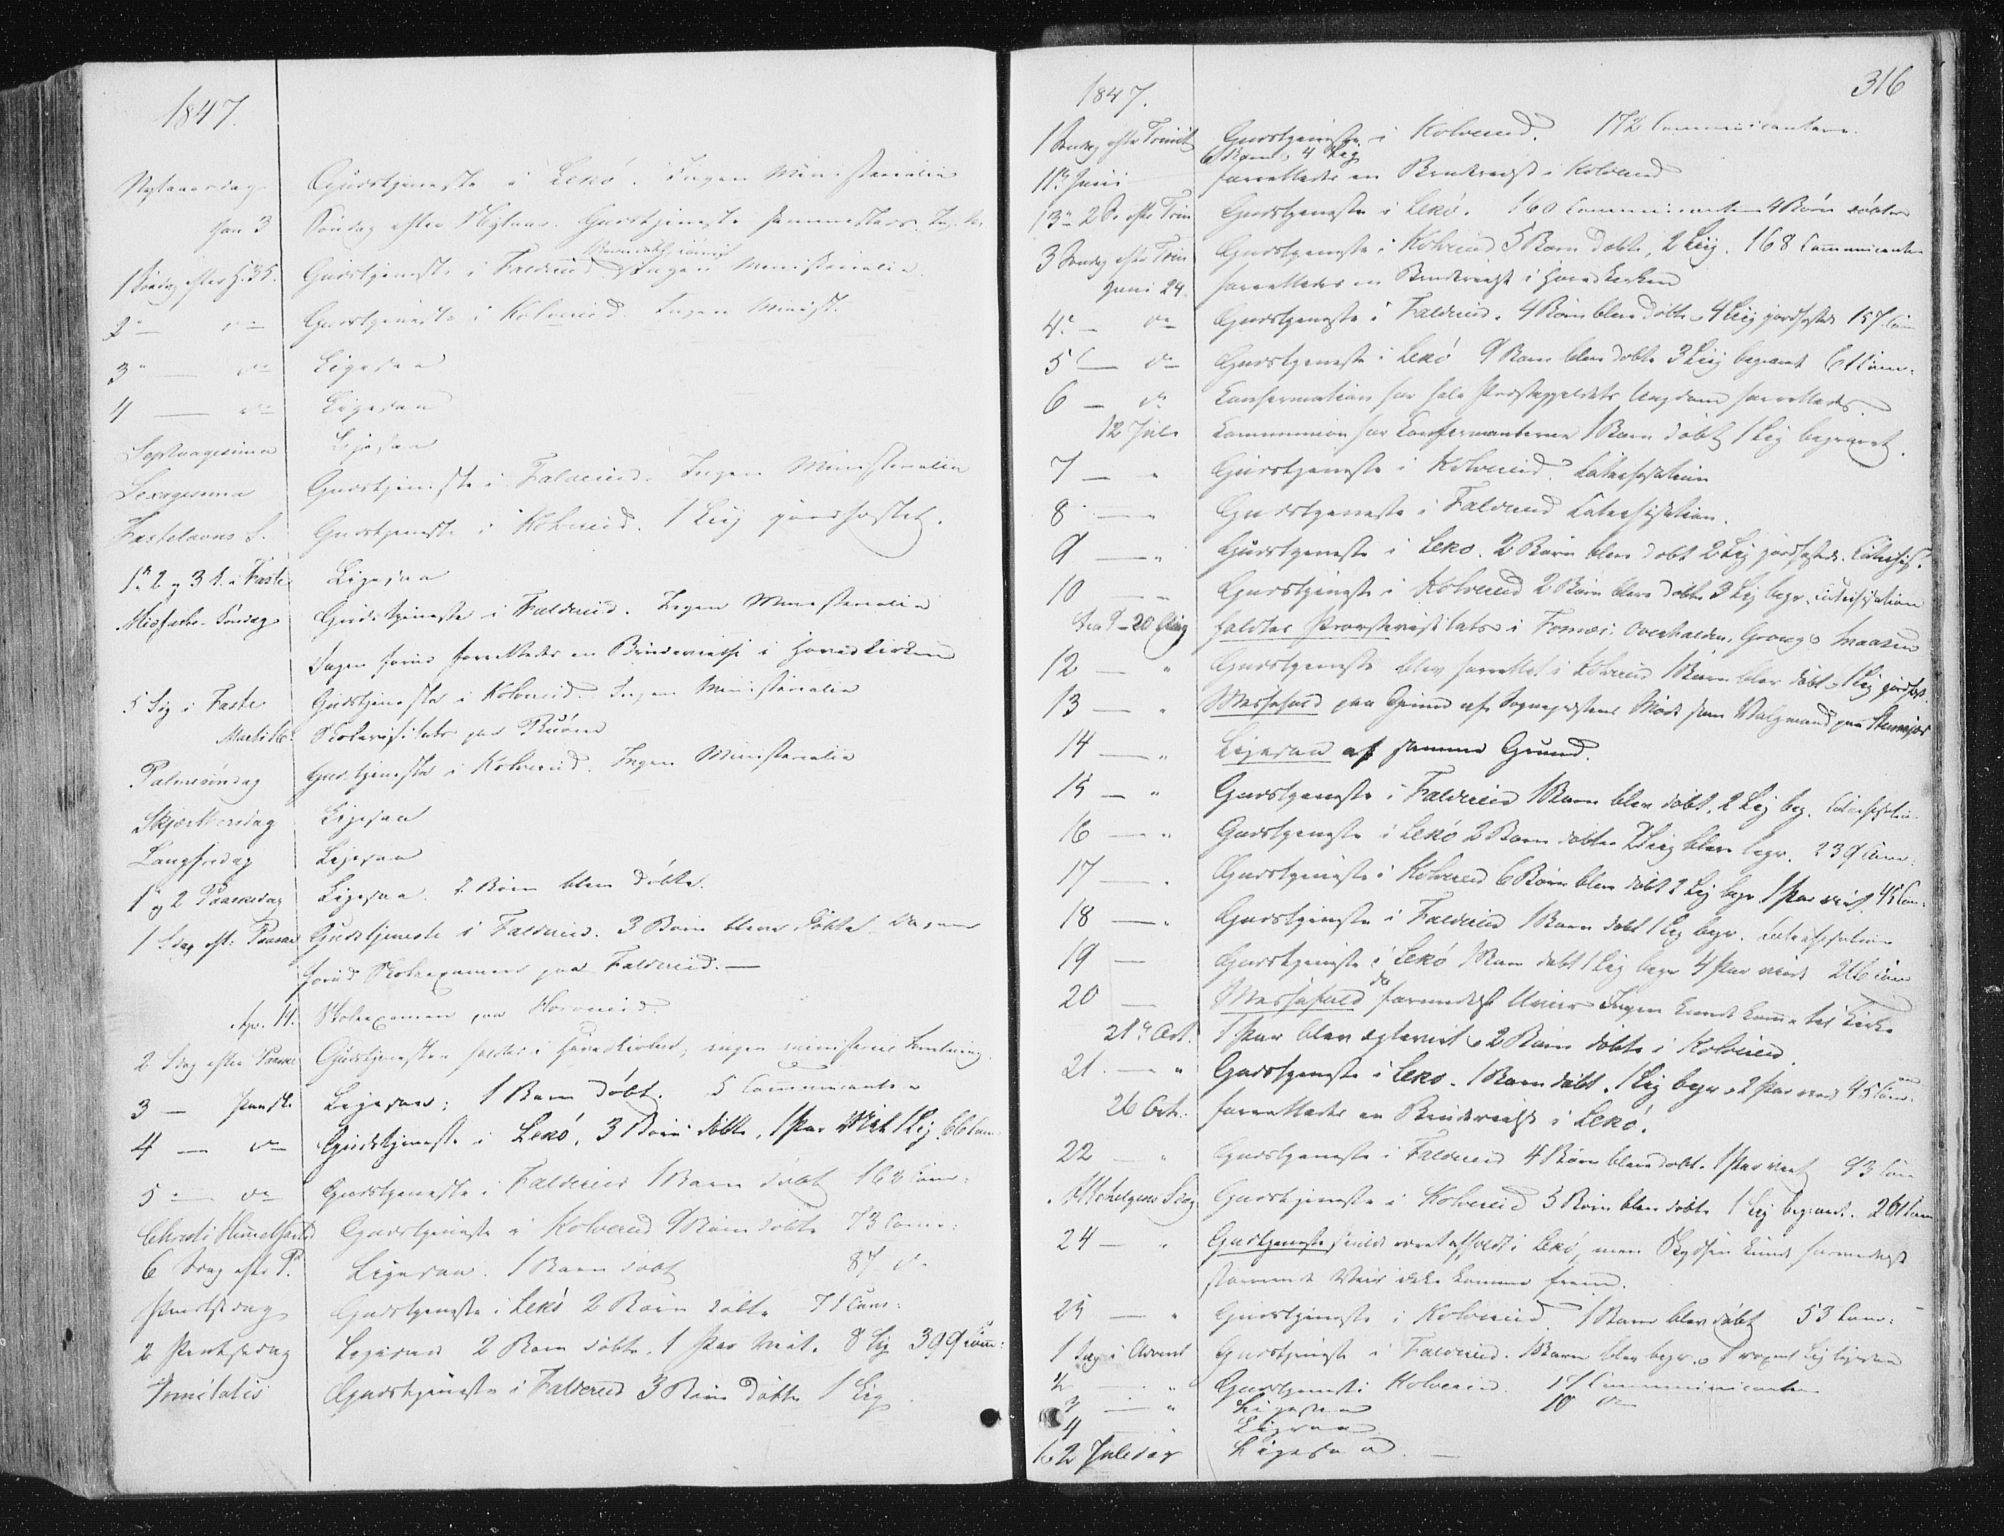 SAT, Ministerialprotokoller, klokkerbøker og fødselsregistre - Nord-Trøndelag, 780/L0640: Ministerialbok nr. 780A05, 1845-1856, s. 316